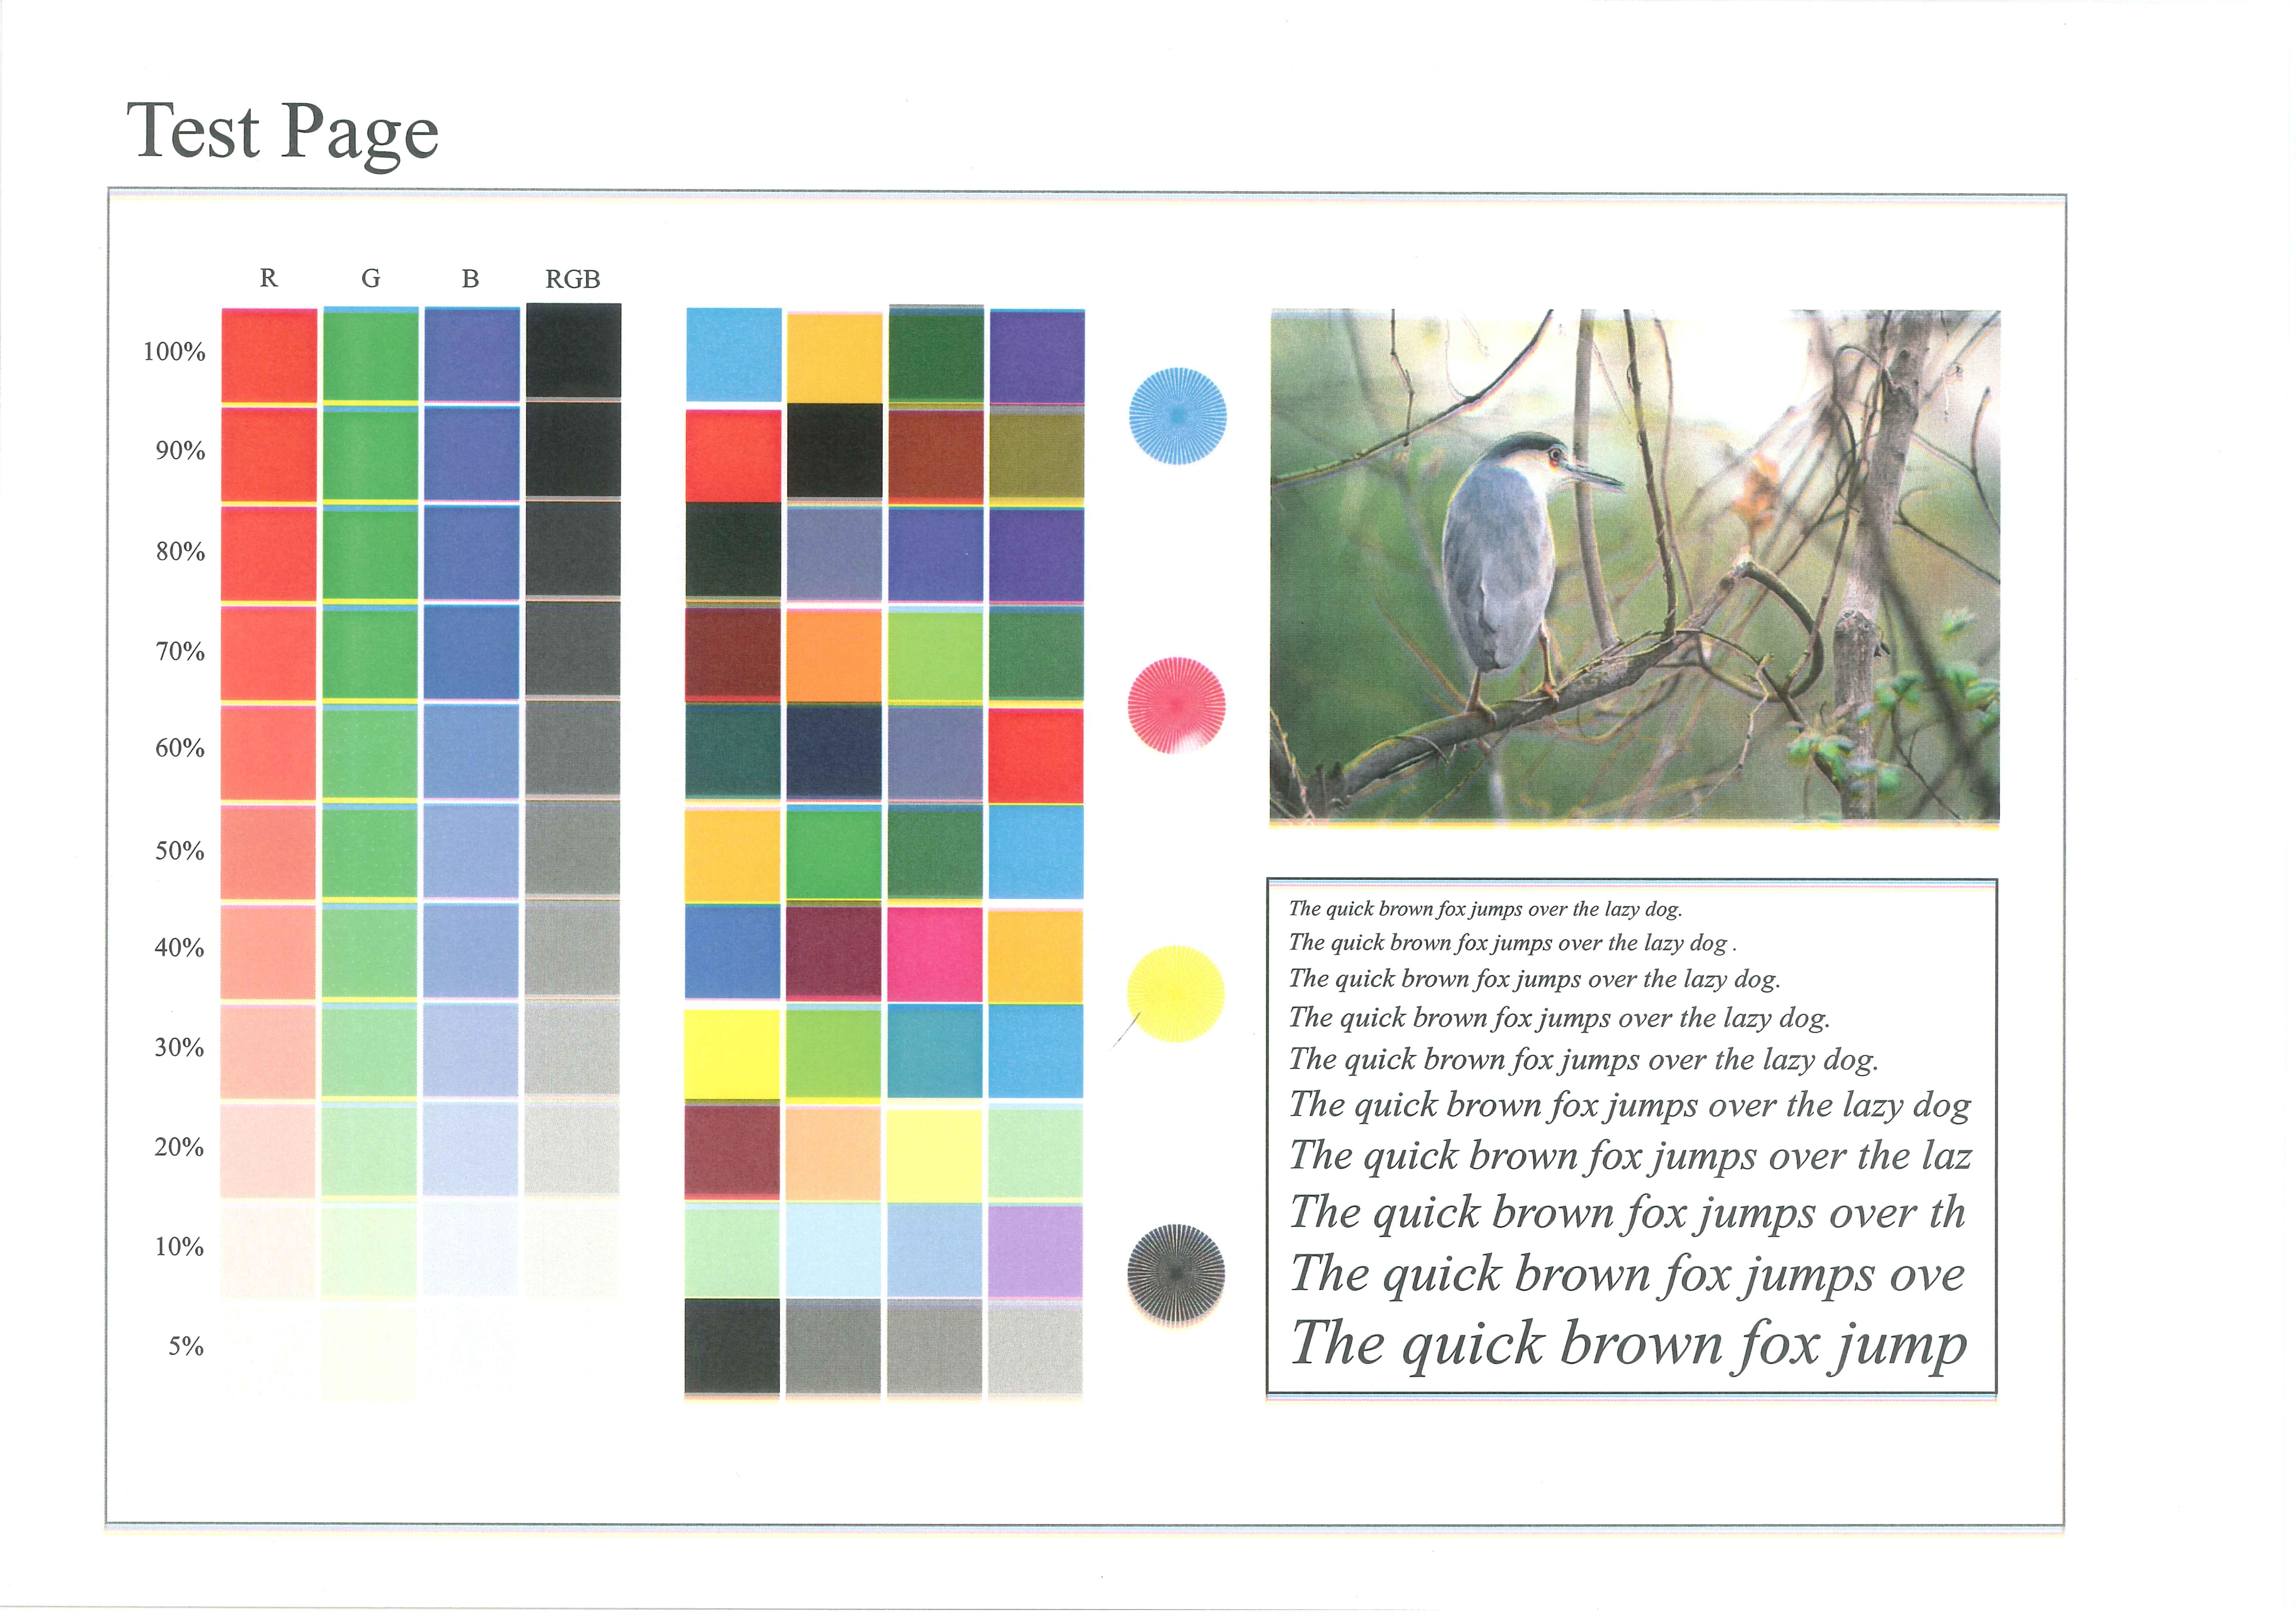 Konica Minolta C253 - Rozmazany obraz, nak�adaj�ce si� kolory